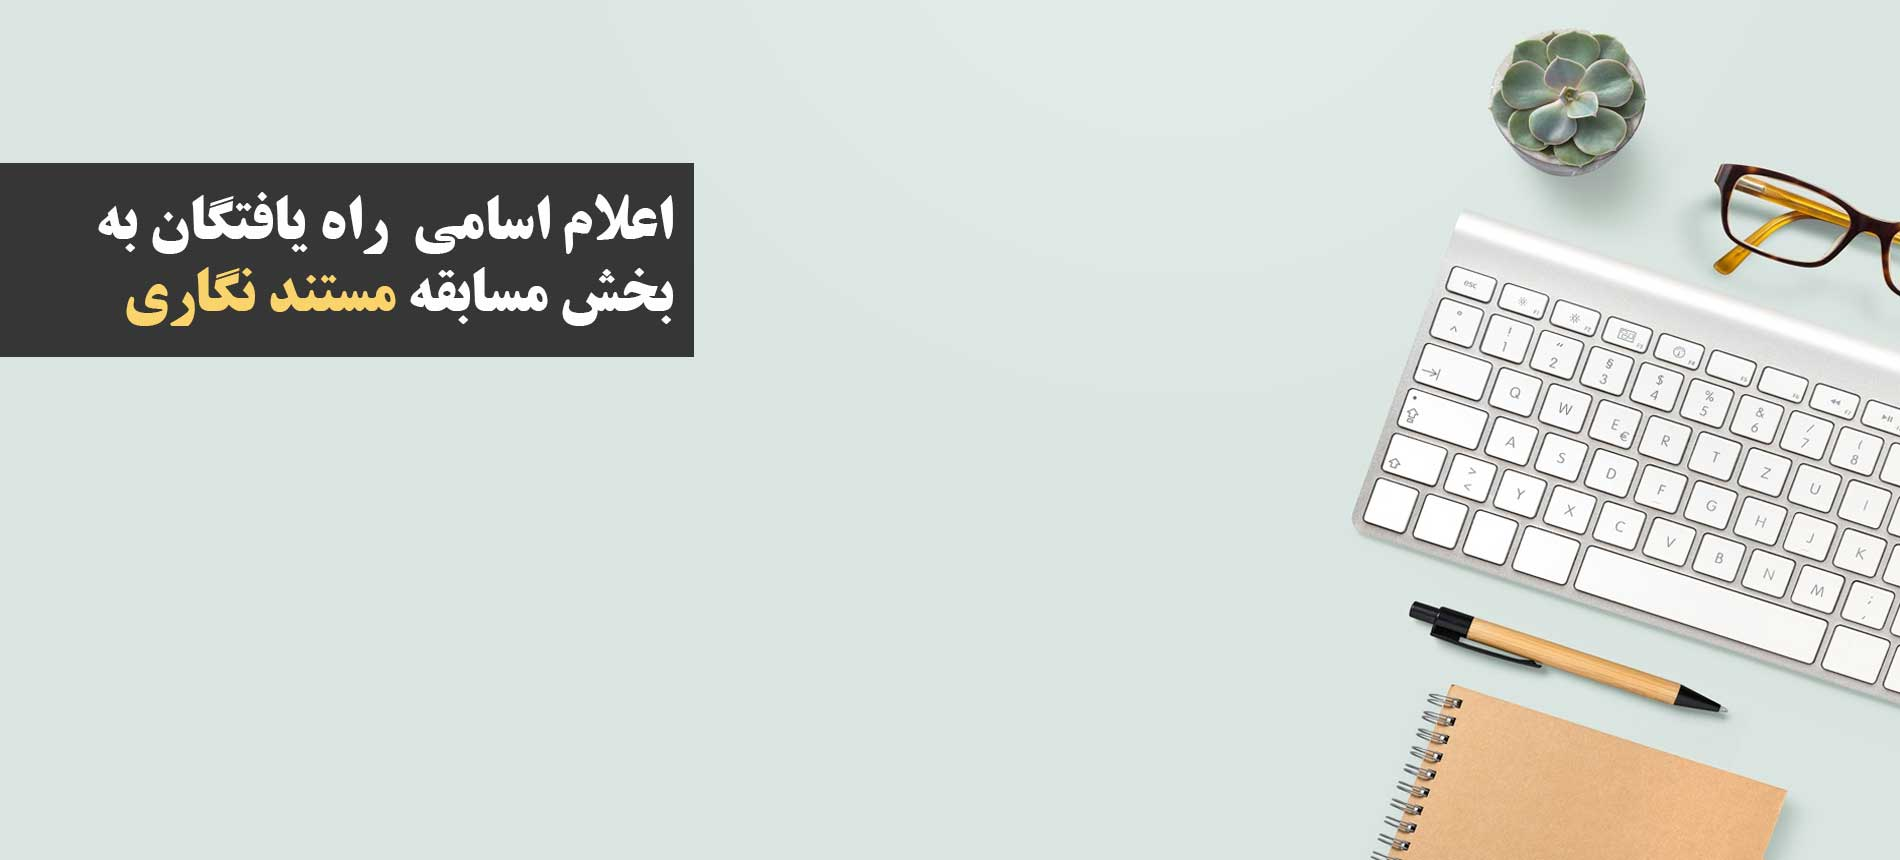 اعلام اسامی راه یافتگان به بخش مسابقه مستند نگاری چهارمین جشنواره تلویزیونی مستند